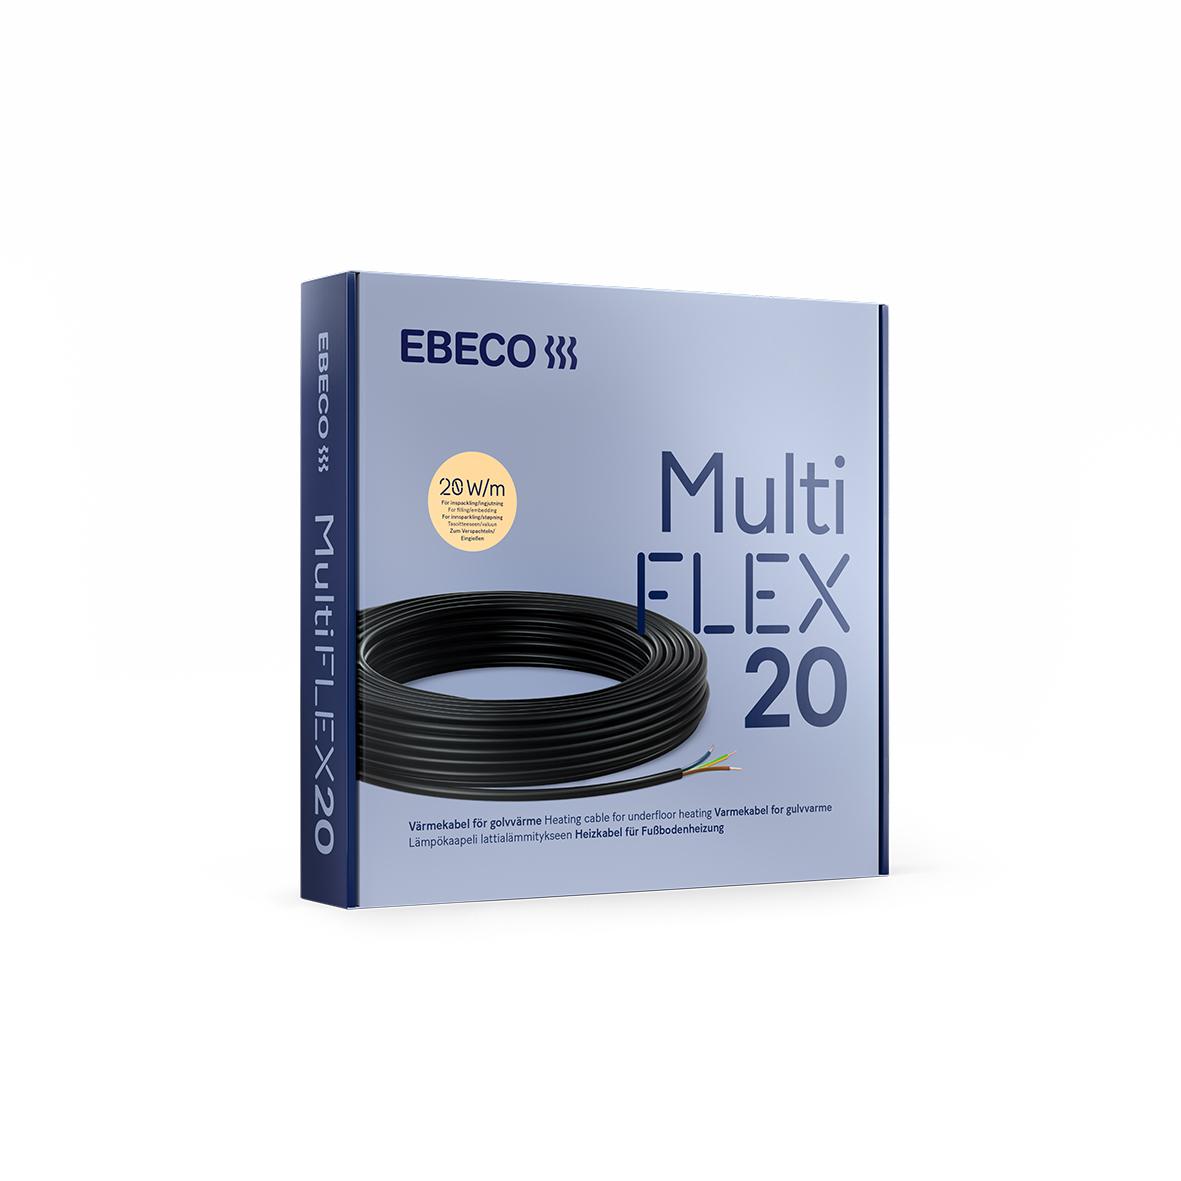 Värmekabel Ebeco Multiflex 20